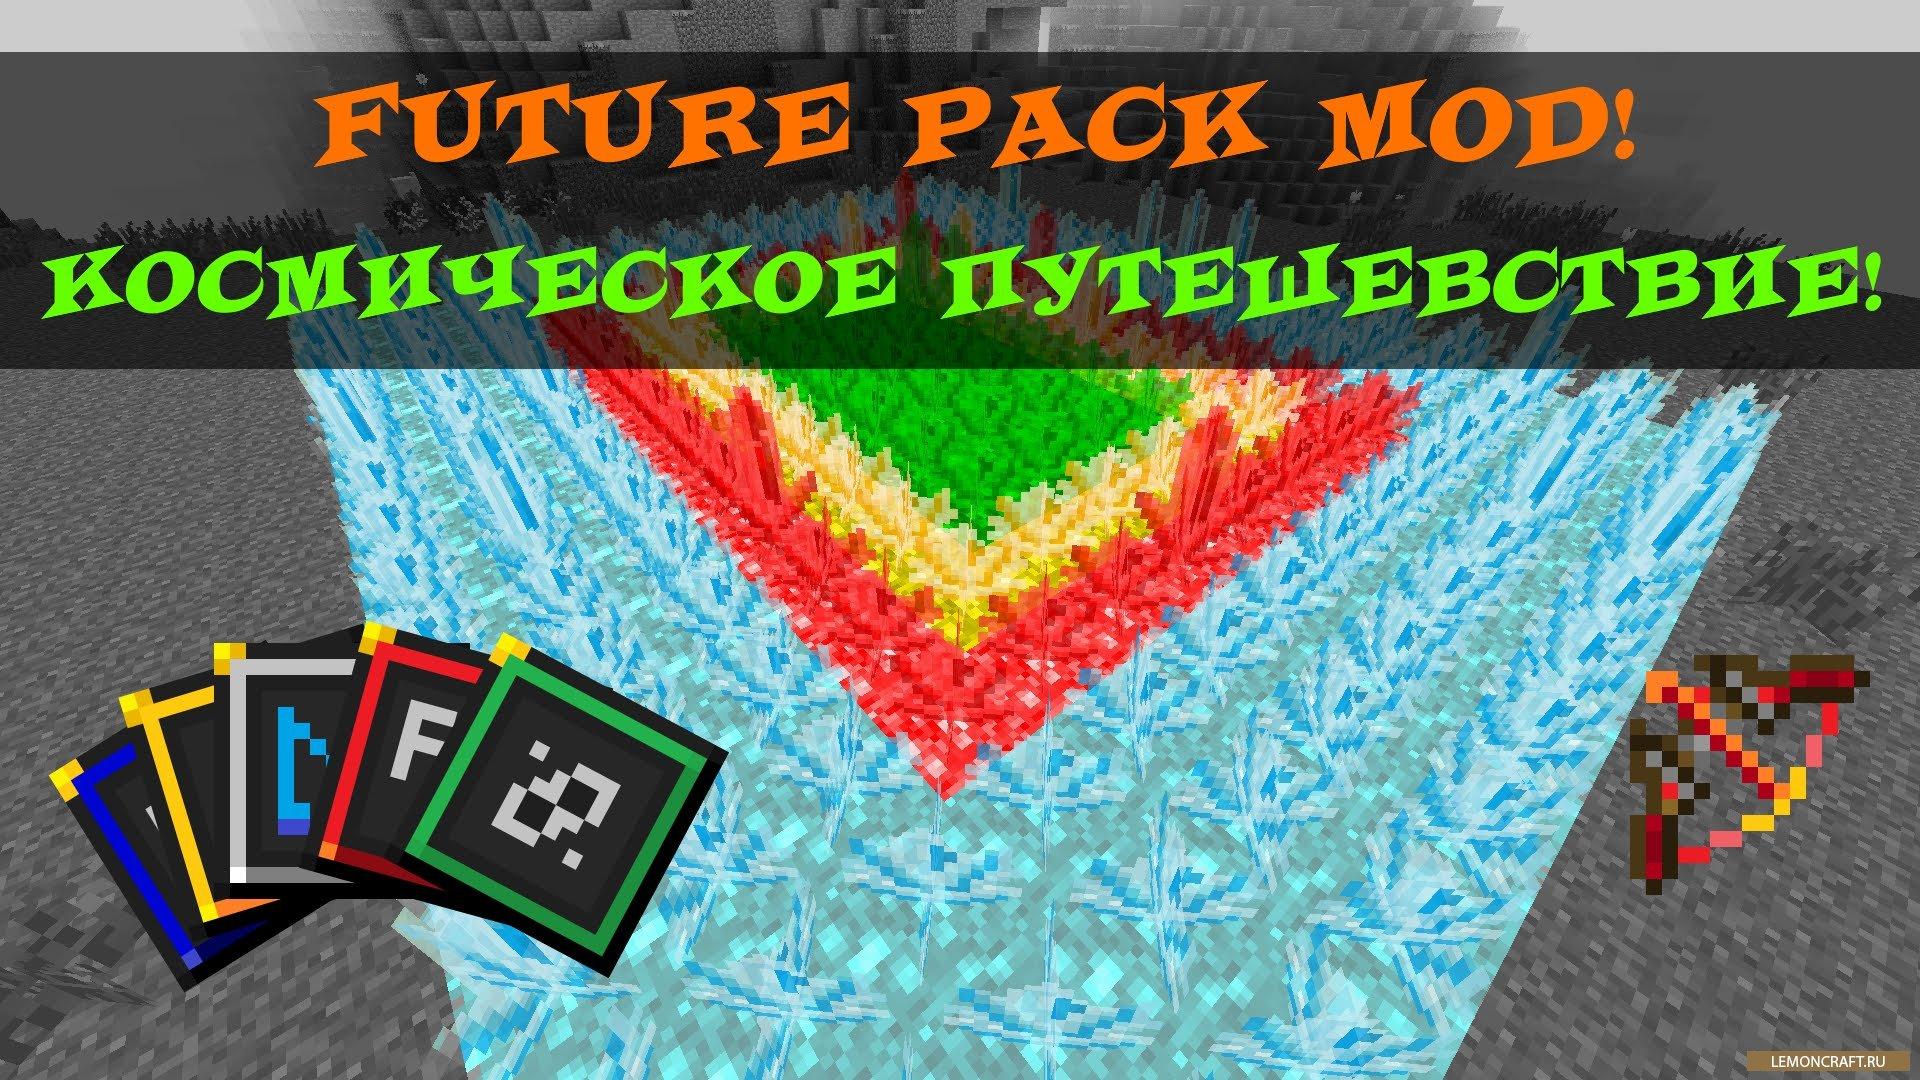 Мод на путешествие в космосе Futurepack [1.12.2] [1.11.2] [1.10.2] [1.7.10]